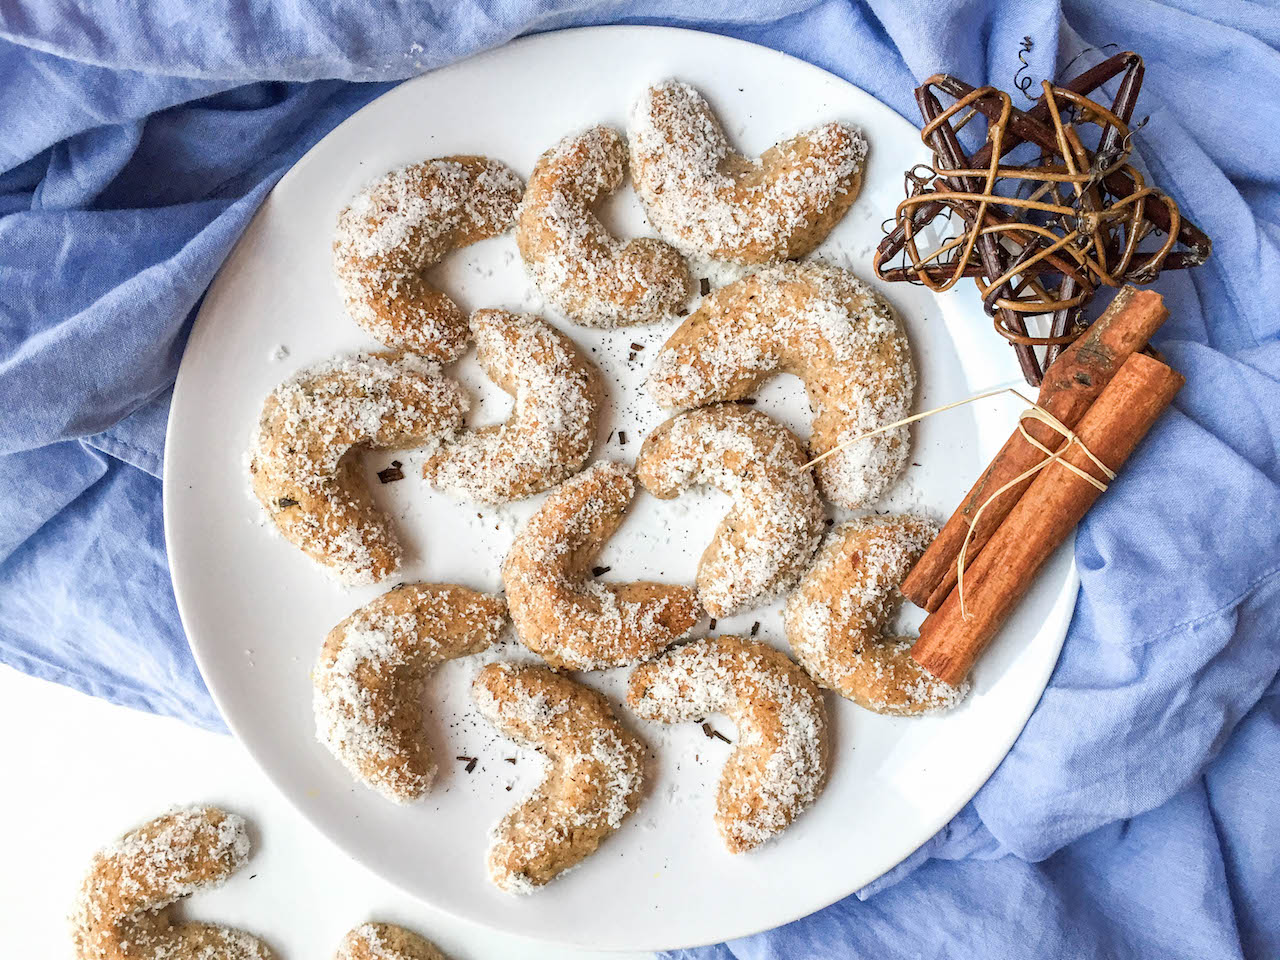 Gesunde Vanillekipferl - glutenfrei, vegan, ohne raffinierten Zucker - de.heavenlynnhealthy.com